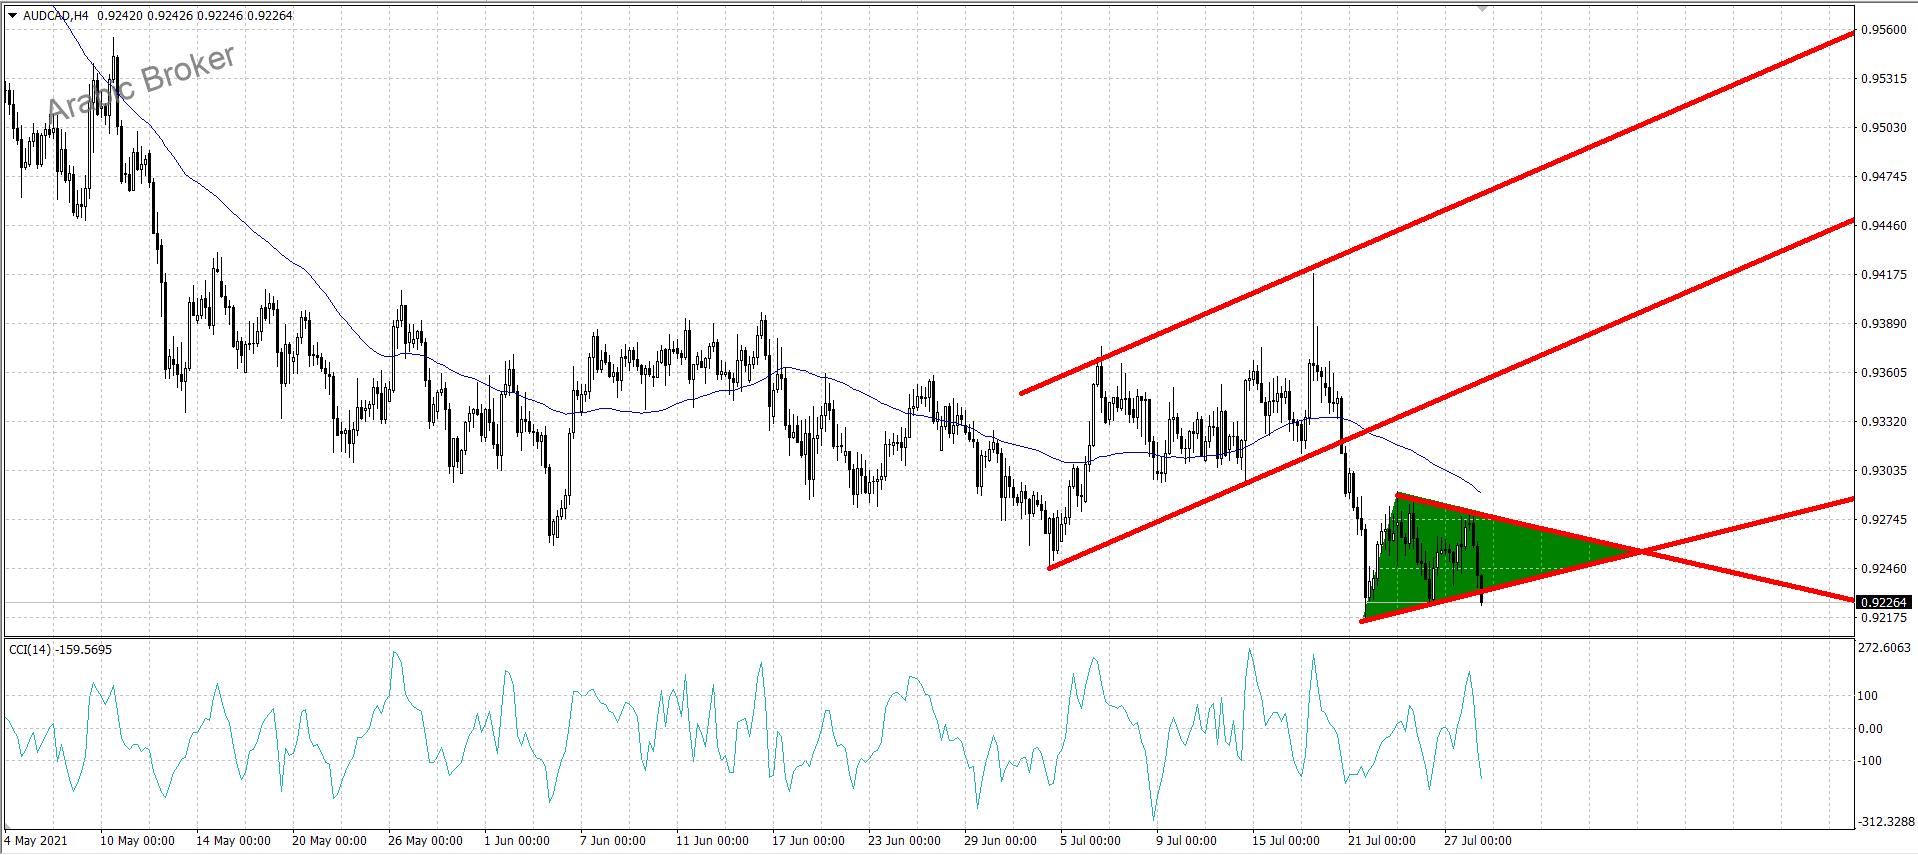 الأسترالي كندي ونموذج المثلث الهابط